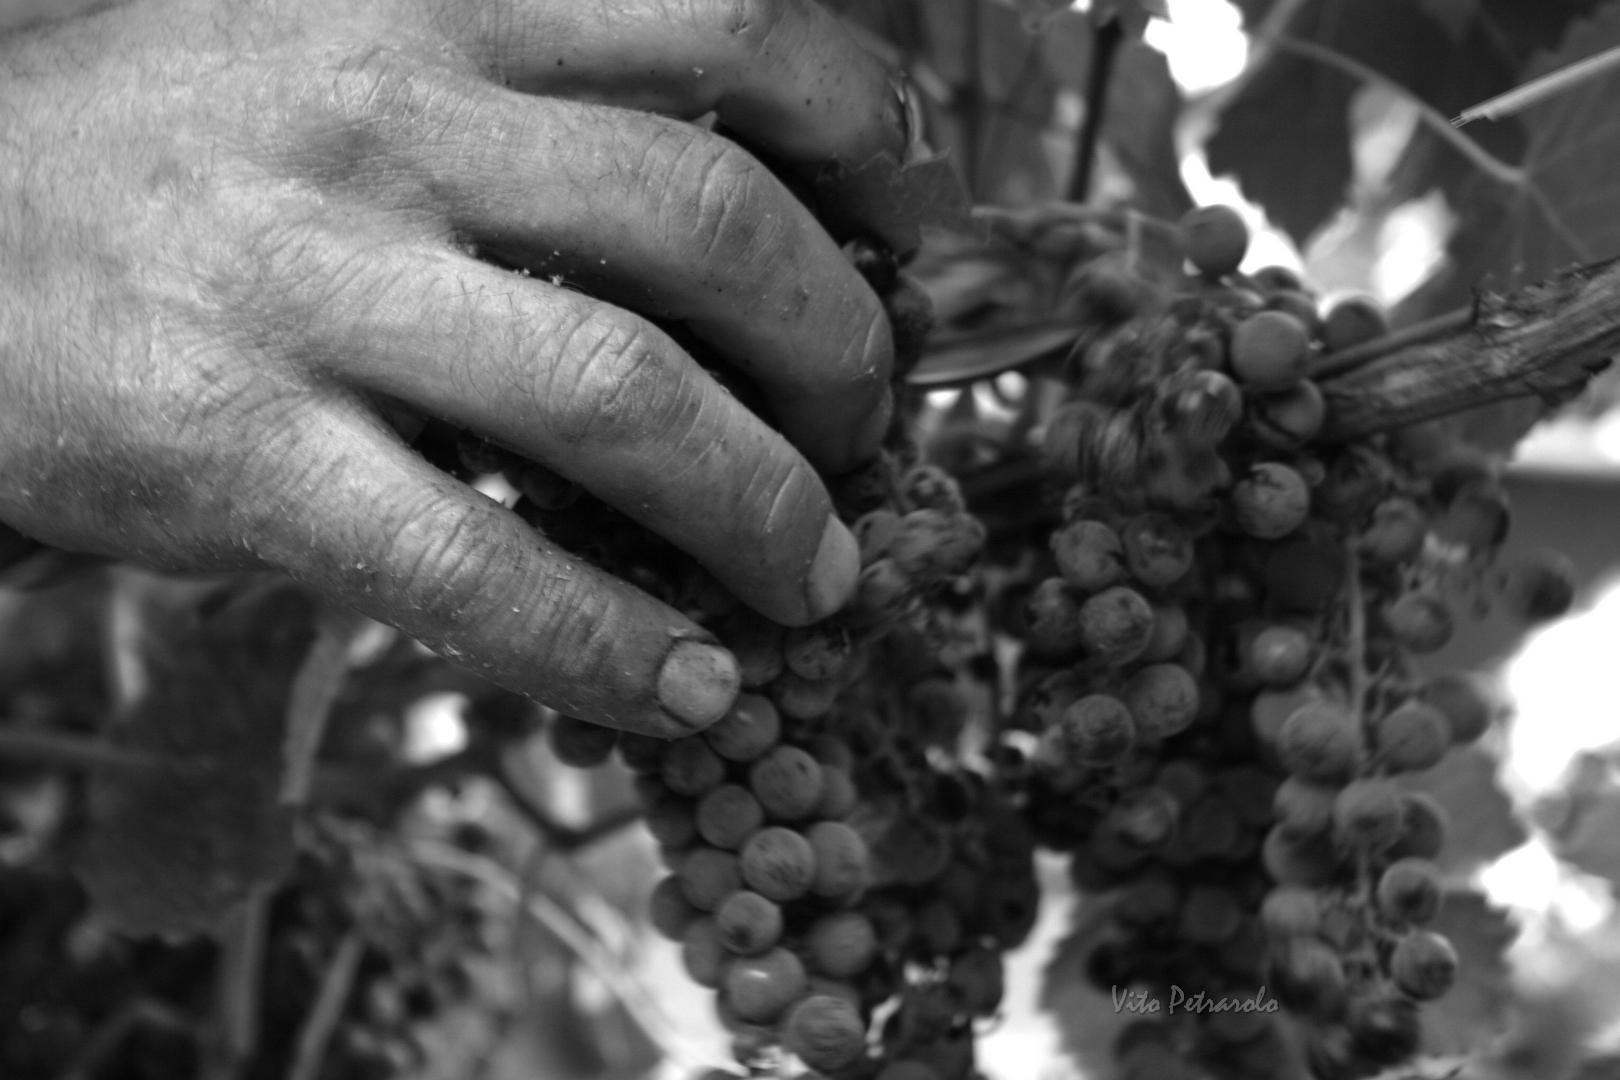 Azienda agricola Vincenzo Ricchioni - Palo del Colle - raccolta manuale dell'uva